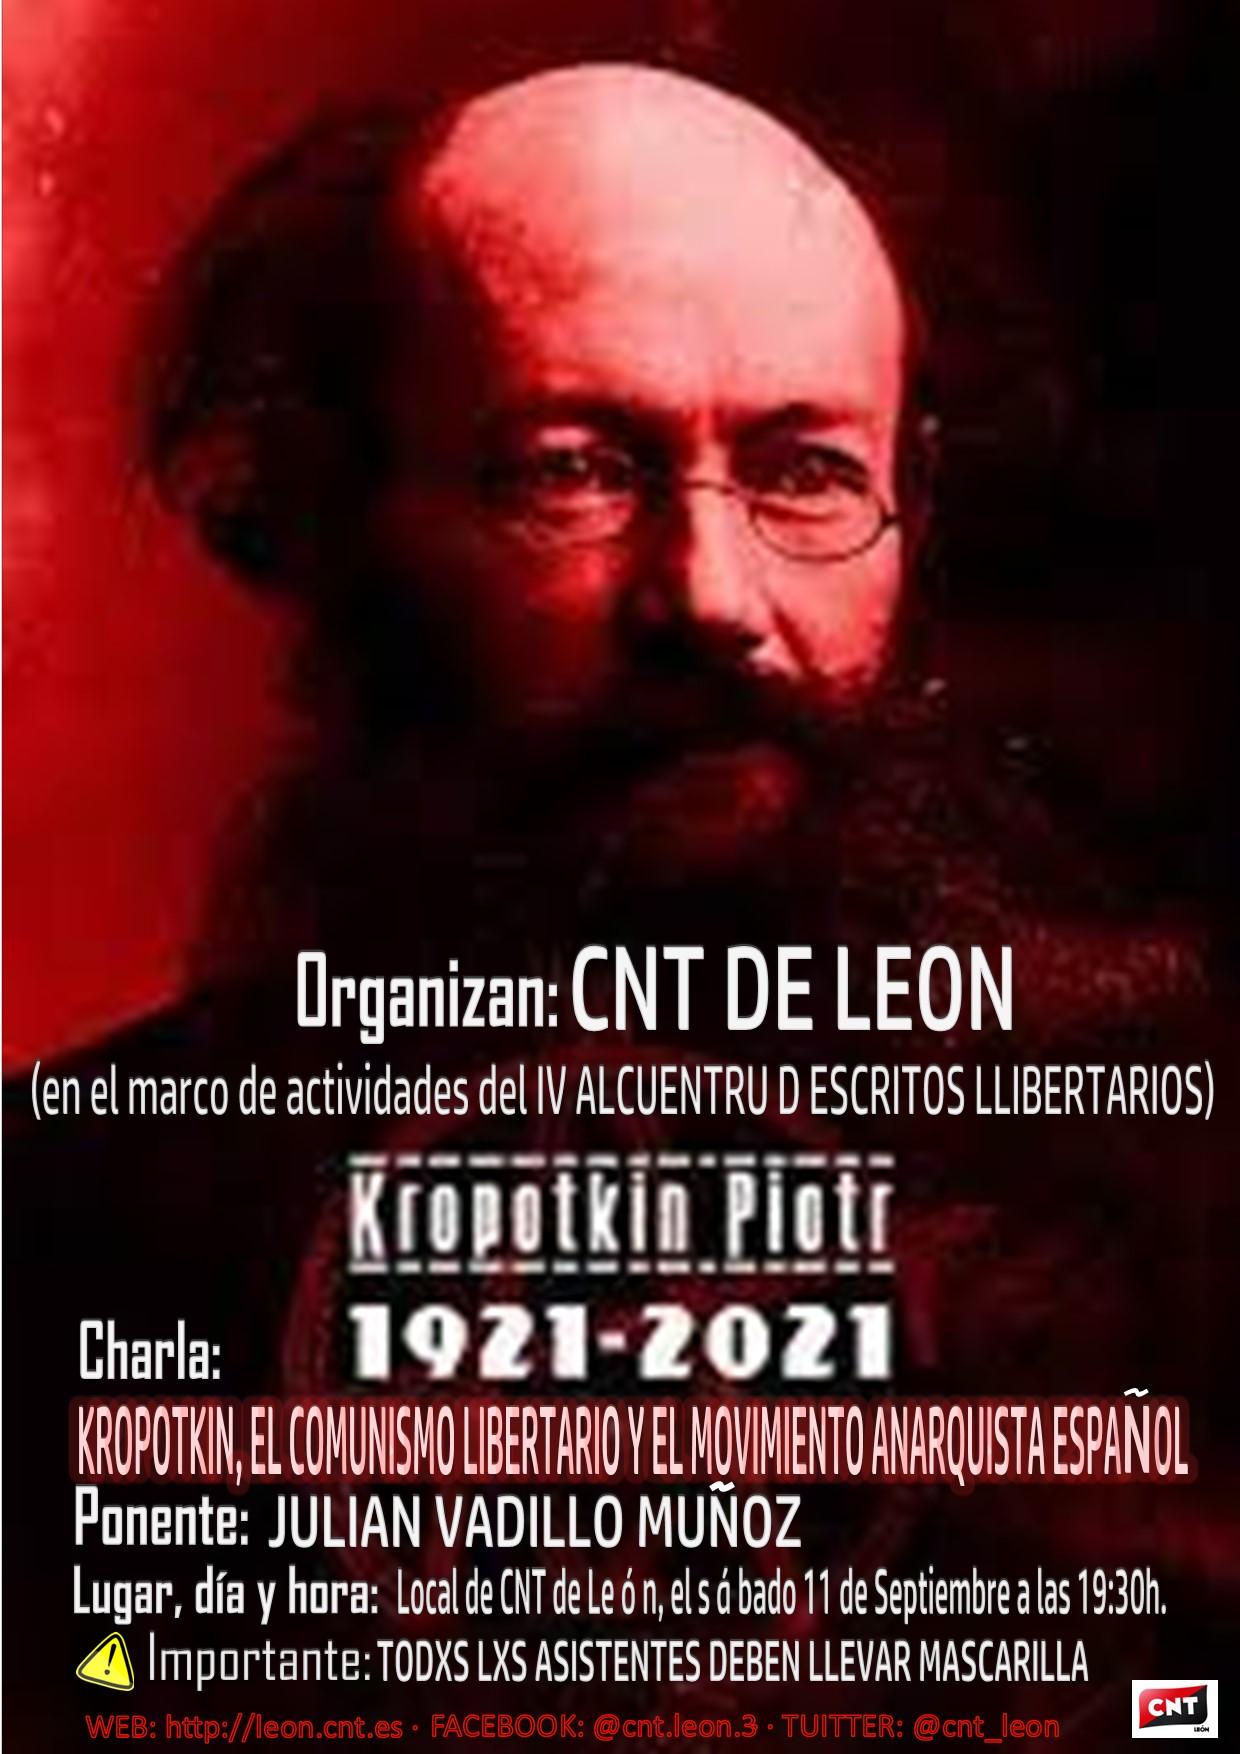 Charla: KROPOTKIN, EL COMUNISMO LIBERTARIO Y EL MOVIMIENTO ANARQUISTA ESPAÑOL